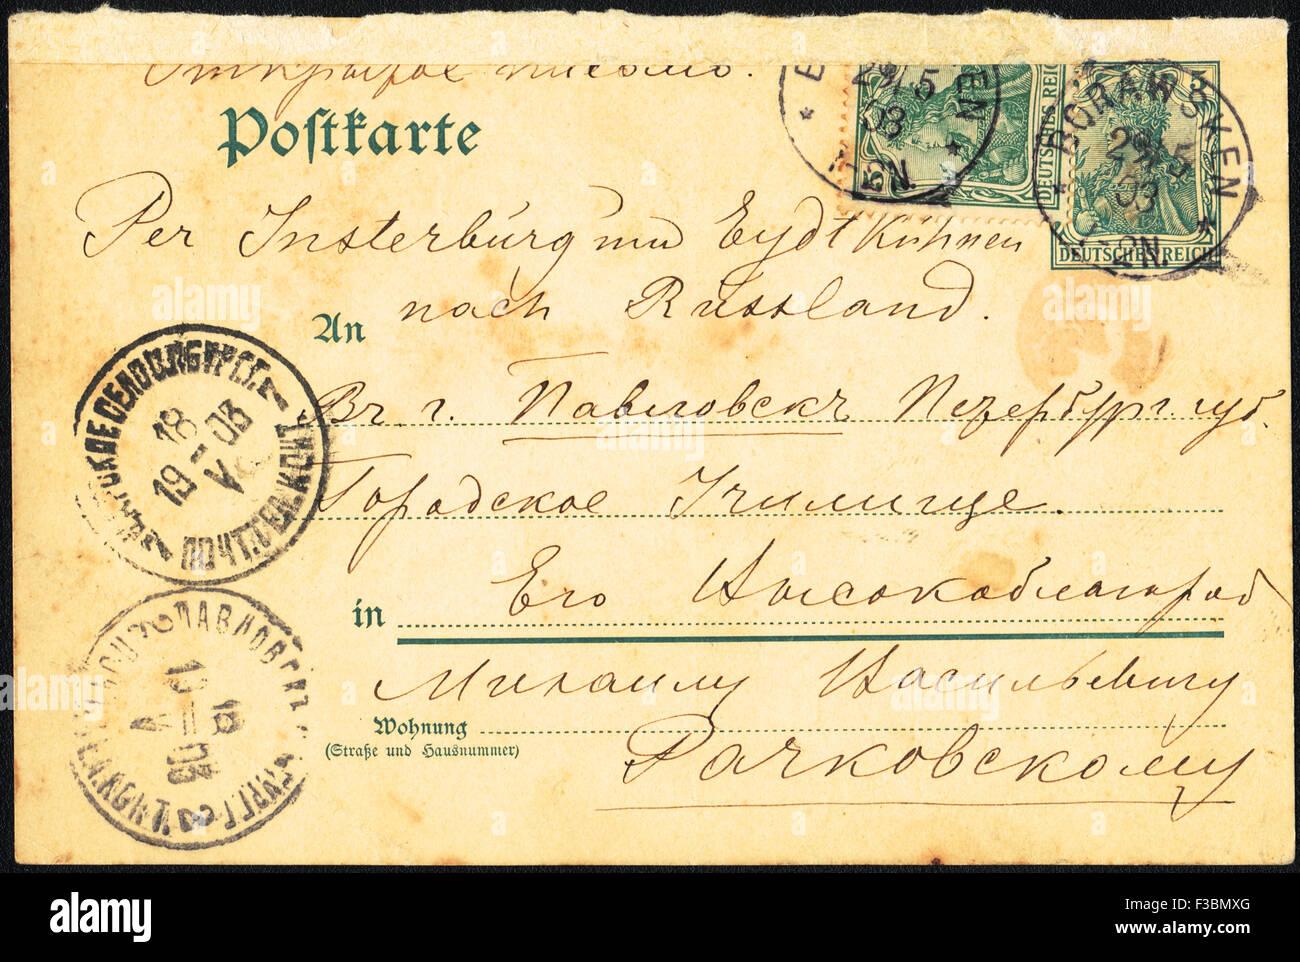 Carte postale rétro. Lettre ouverte, St.Petersburg, Russie, 1903 Photo Stock